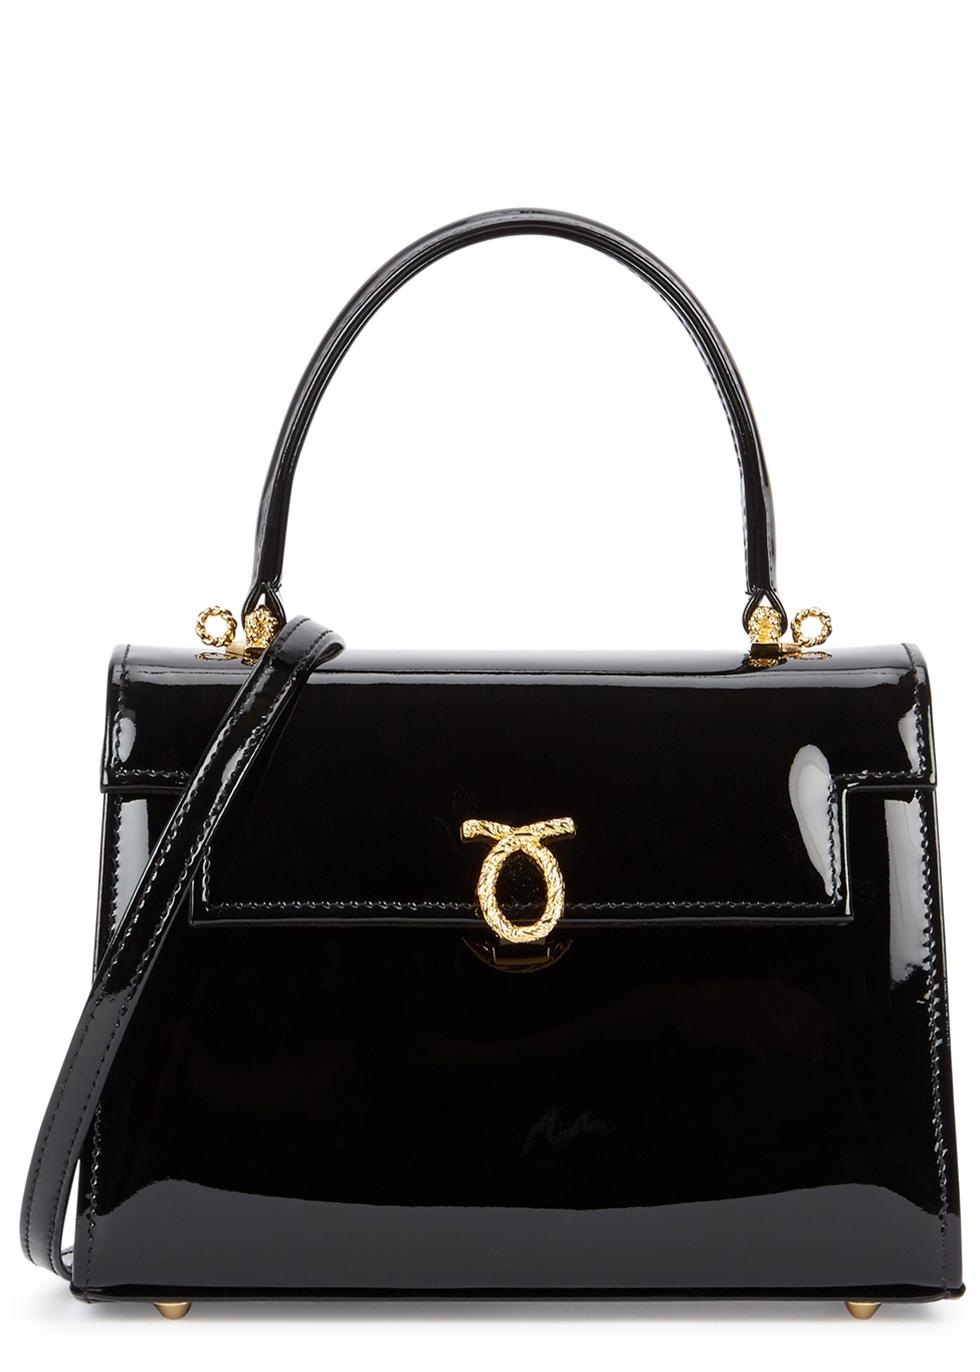 LAUNER Judi Black Patent Leather Shoulder Bag